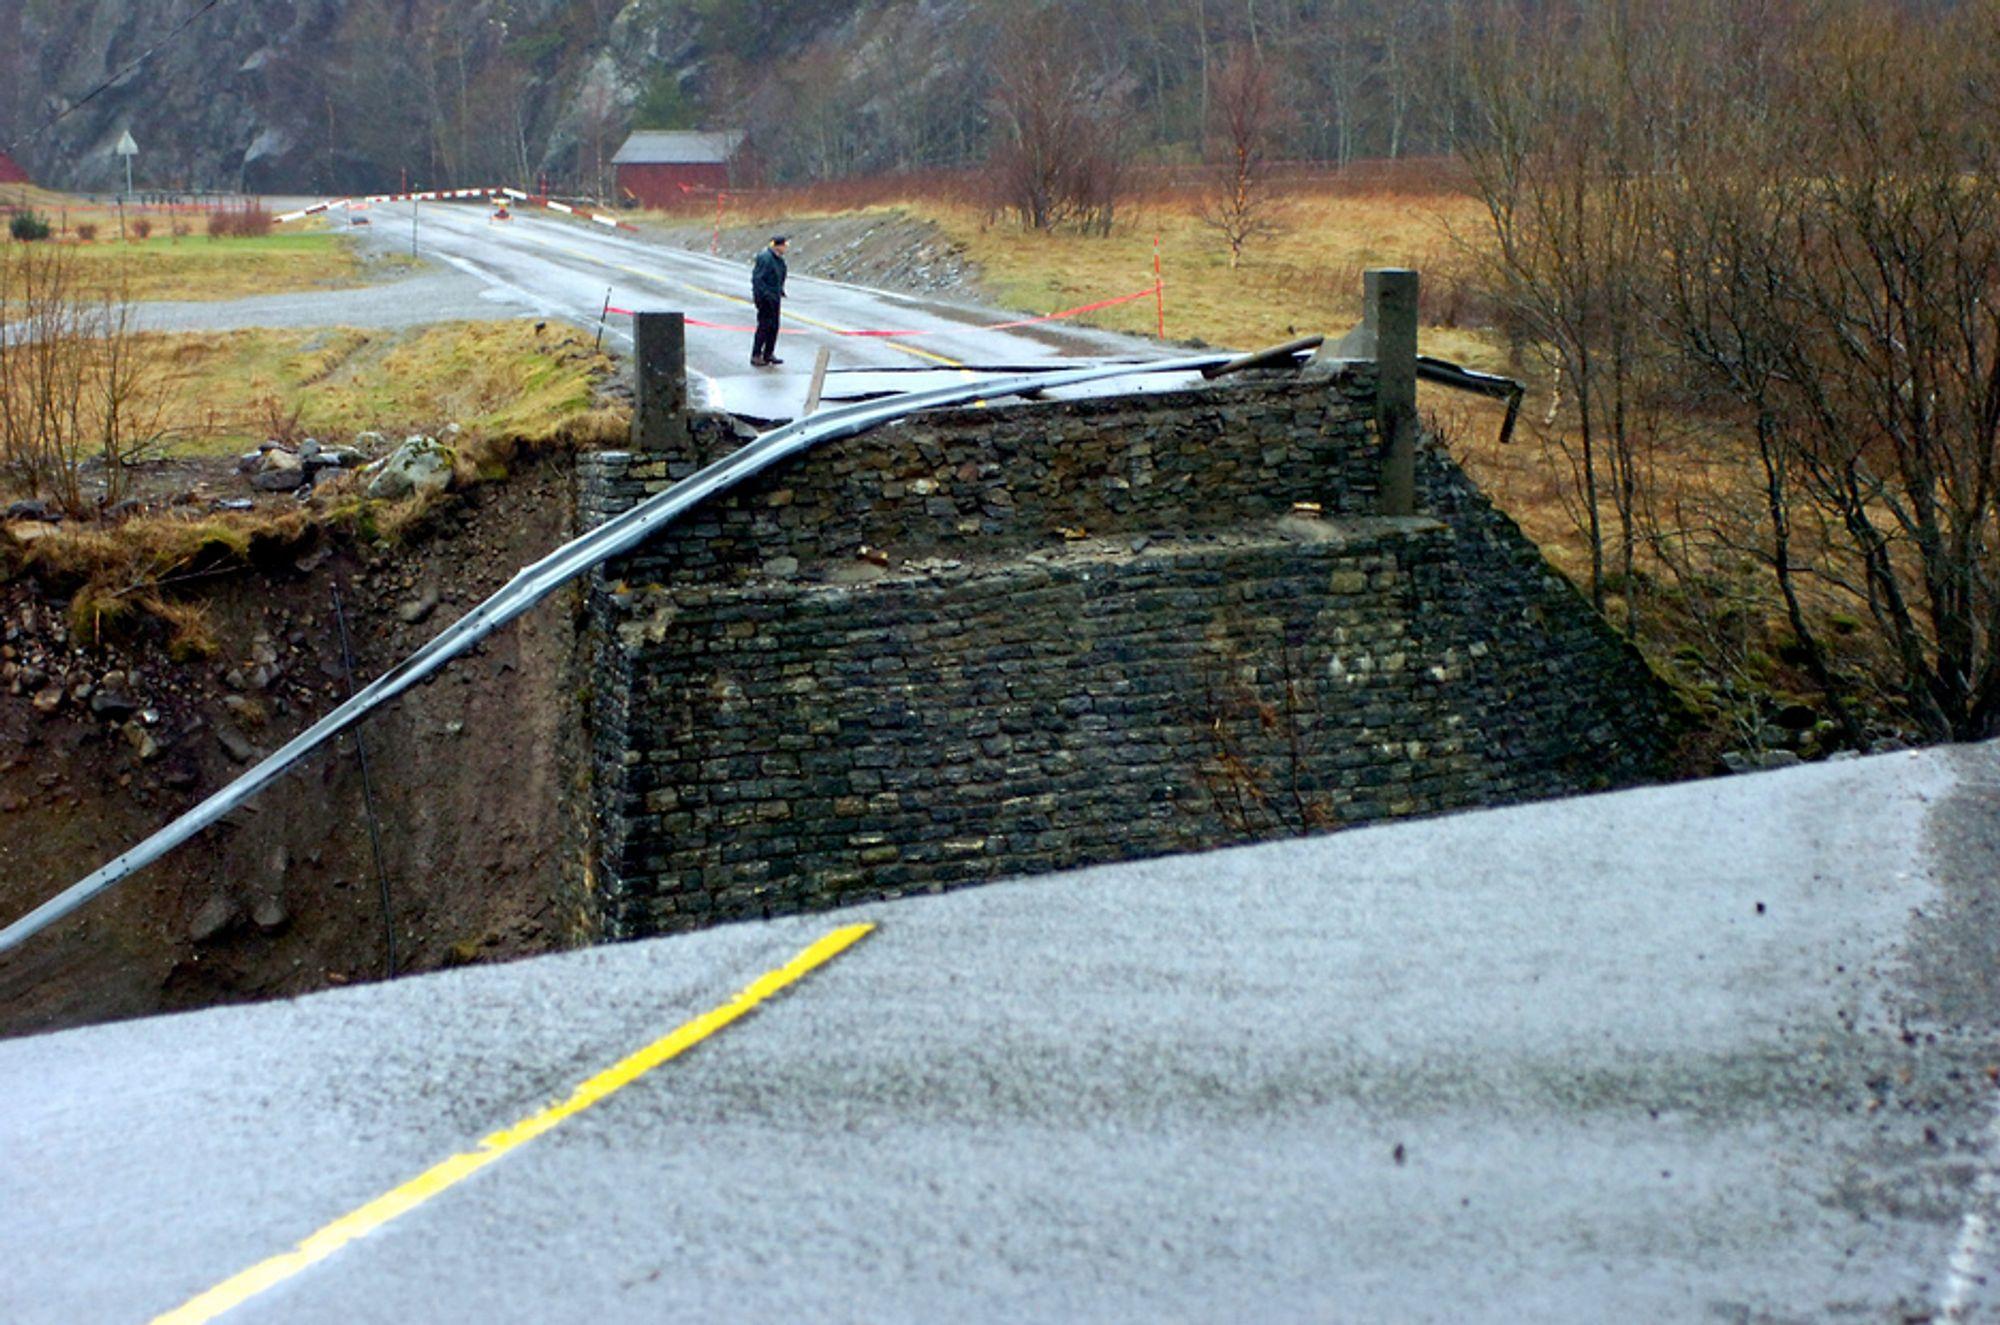 Arnevik bru ble tatt av flommen i fjor høst.  Vegvesenet fikk  kritikk etter flommen som rammet Nord- og Sør-Trønderlag i 2006. Vegvesenet har  derfor utarbeidet en beredskapsplan.